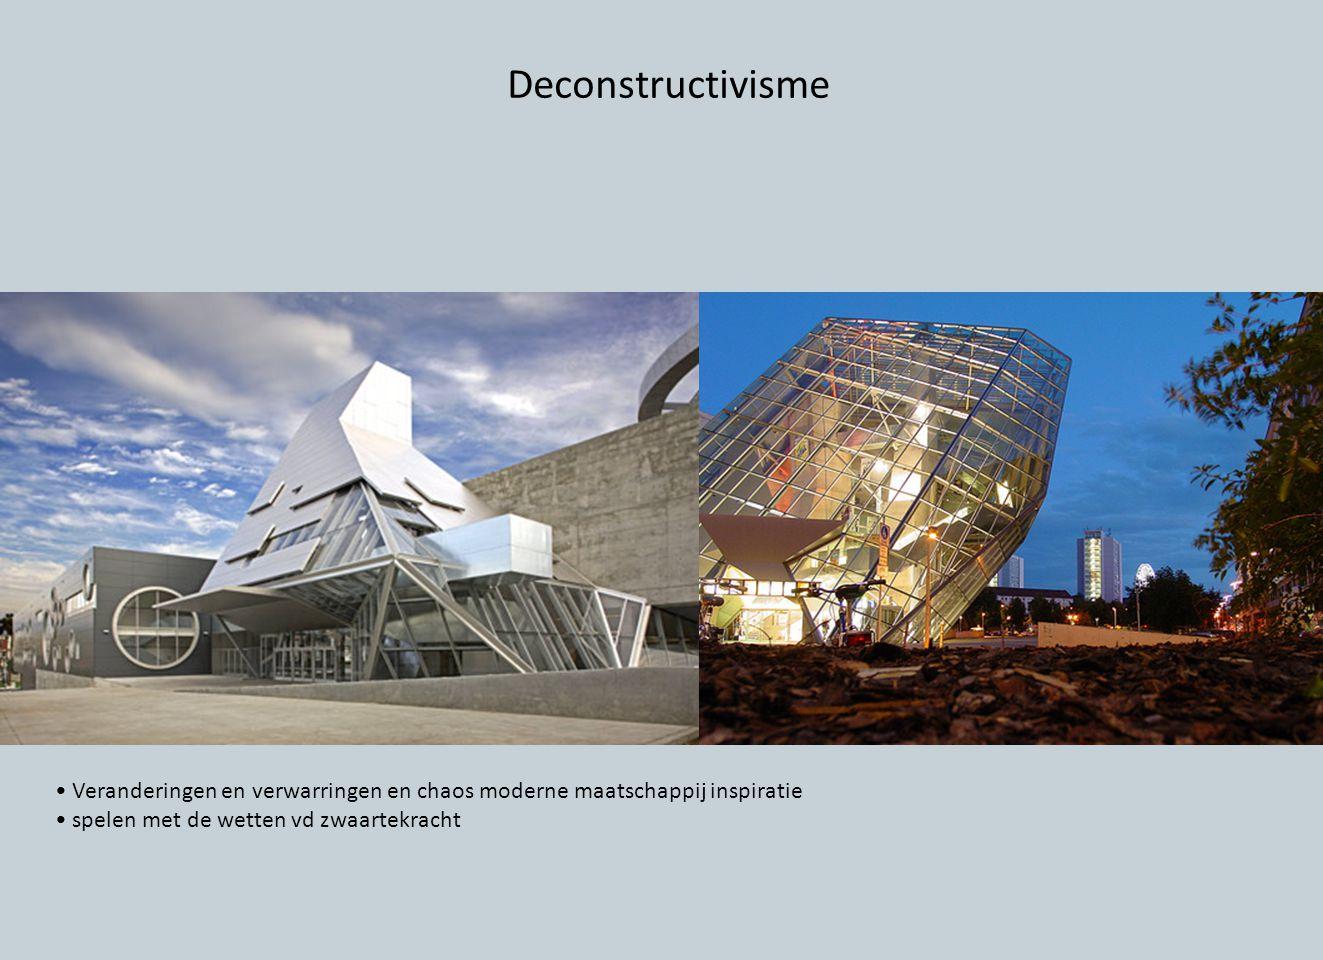 Deconstructivisme Veranderingen en verwarringen en chaos moderne maatschappij inspiratie spelen met de wetten vd zwaartekracht